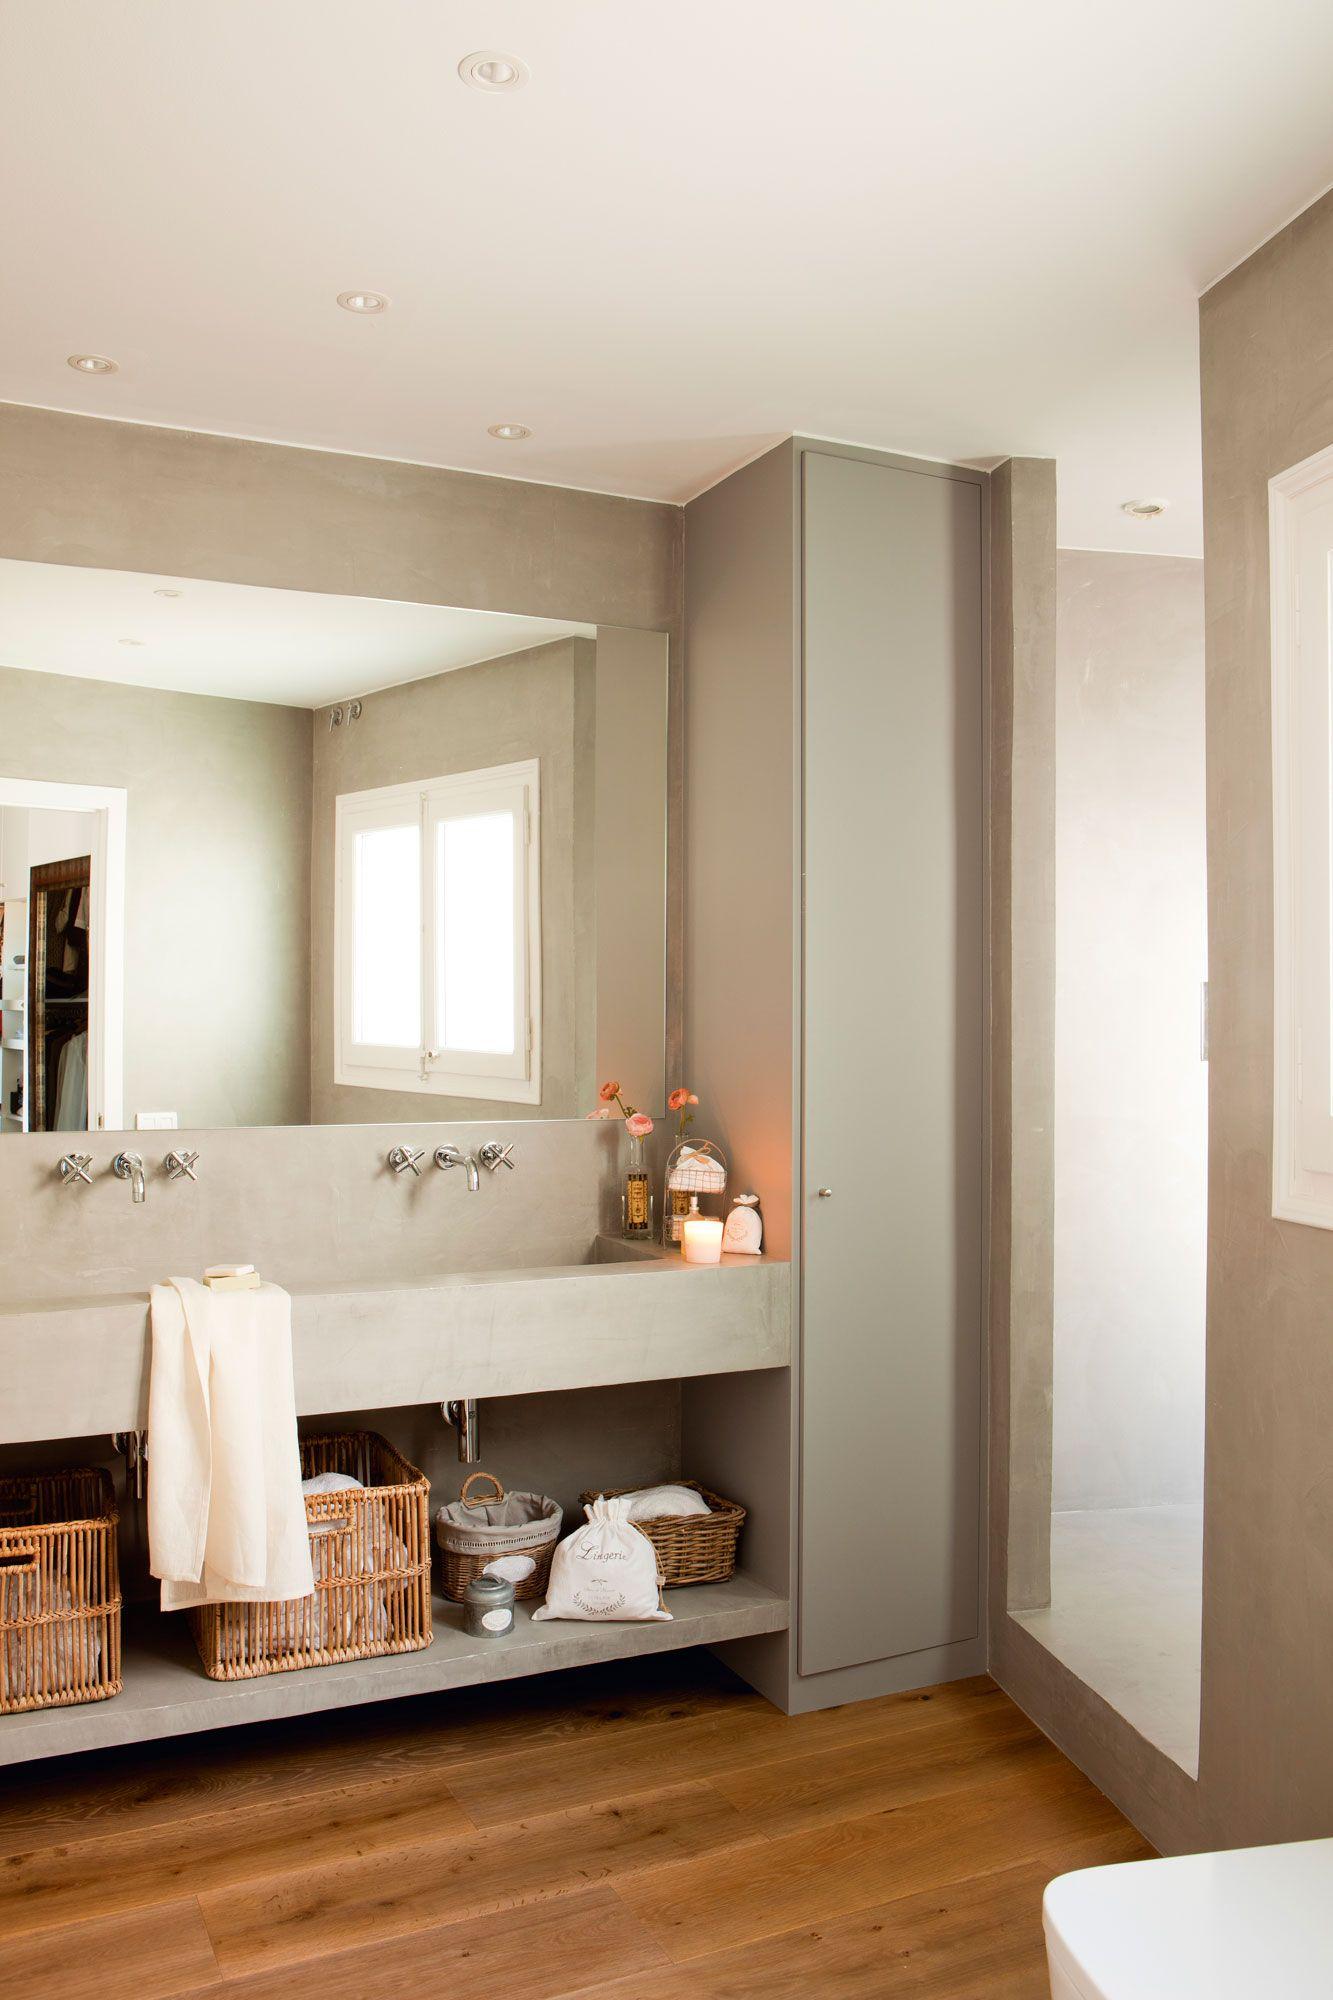 Reforma tu baño según tu presupuesto | Cuarto de baño simple ...